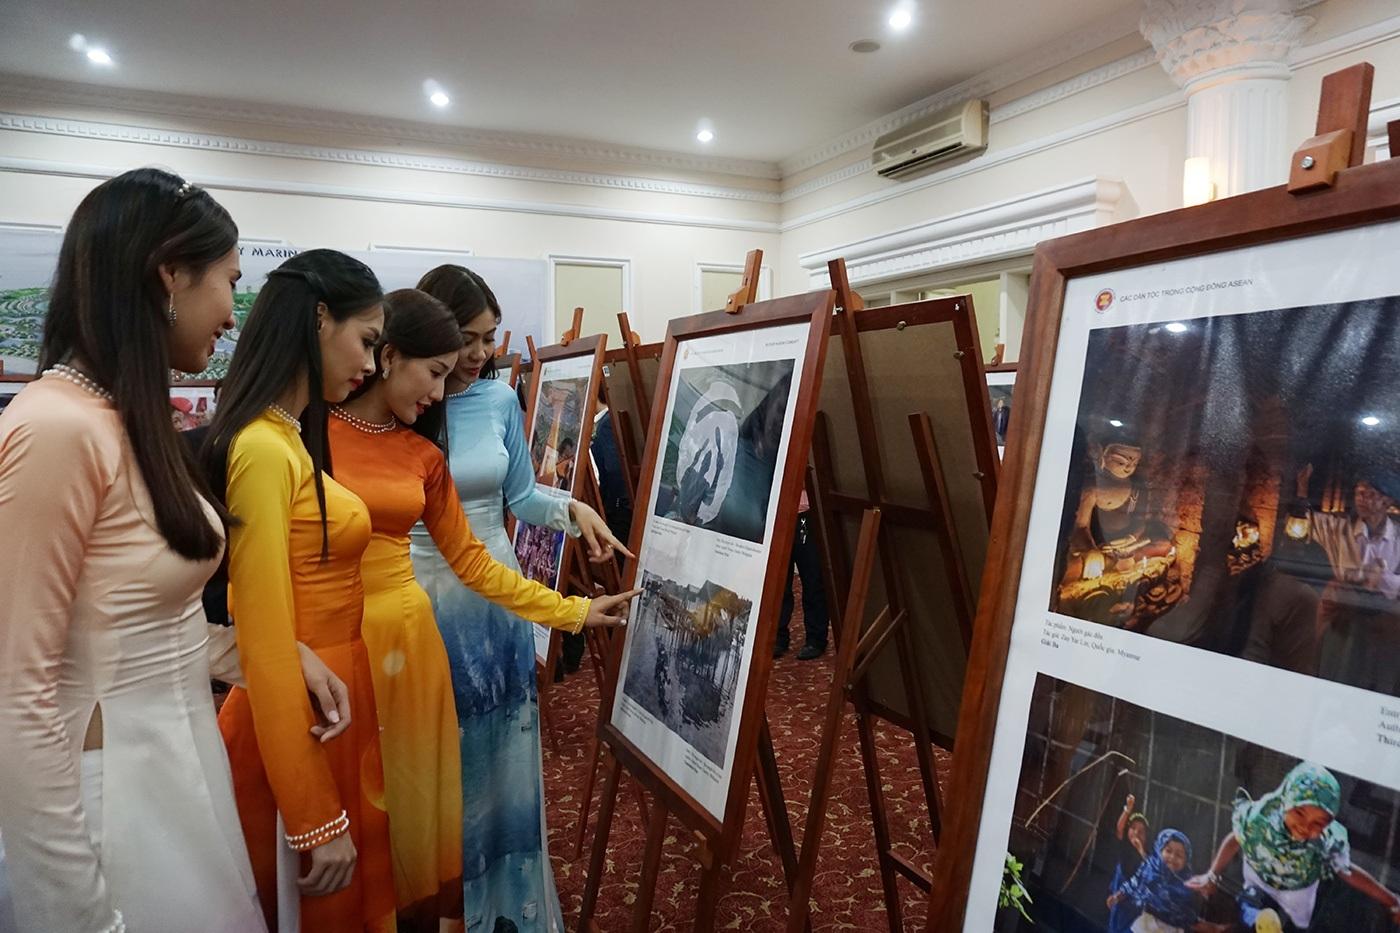 Nhiều nền văn hóa, con người, môi trường sống của các quốc gia trong khu vực ASEAN sẽ được giới thiệu qua triển lãm